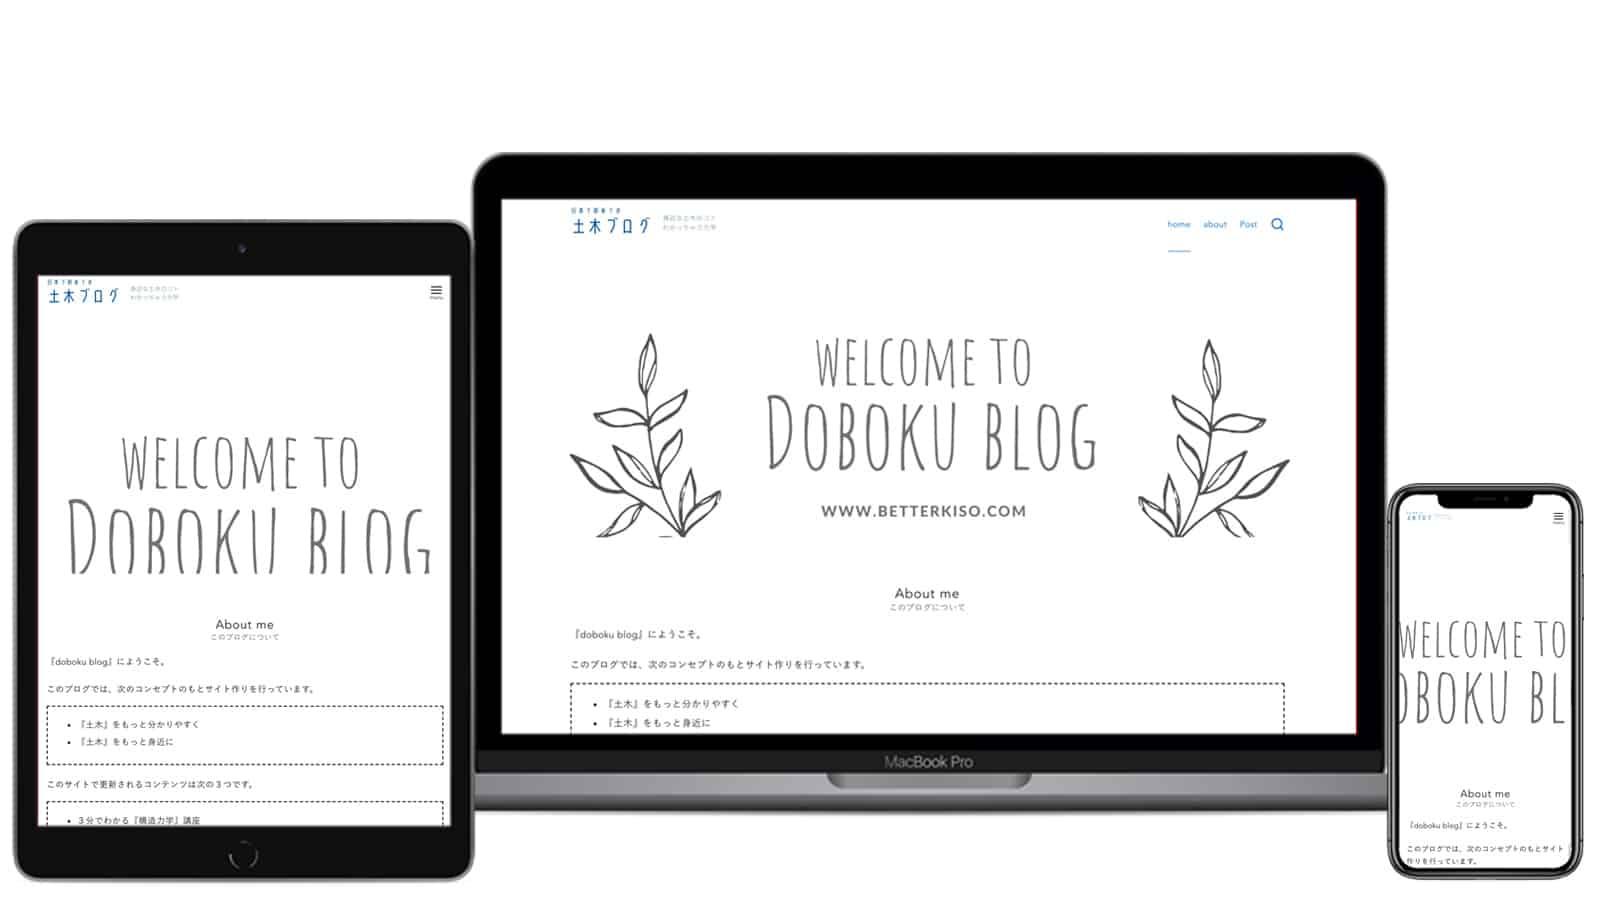 doboku blog